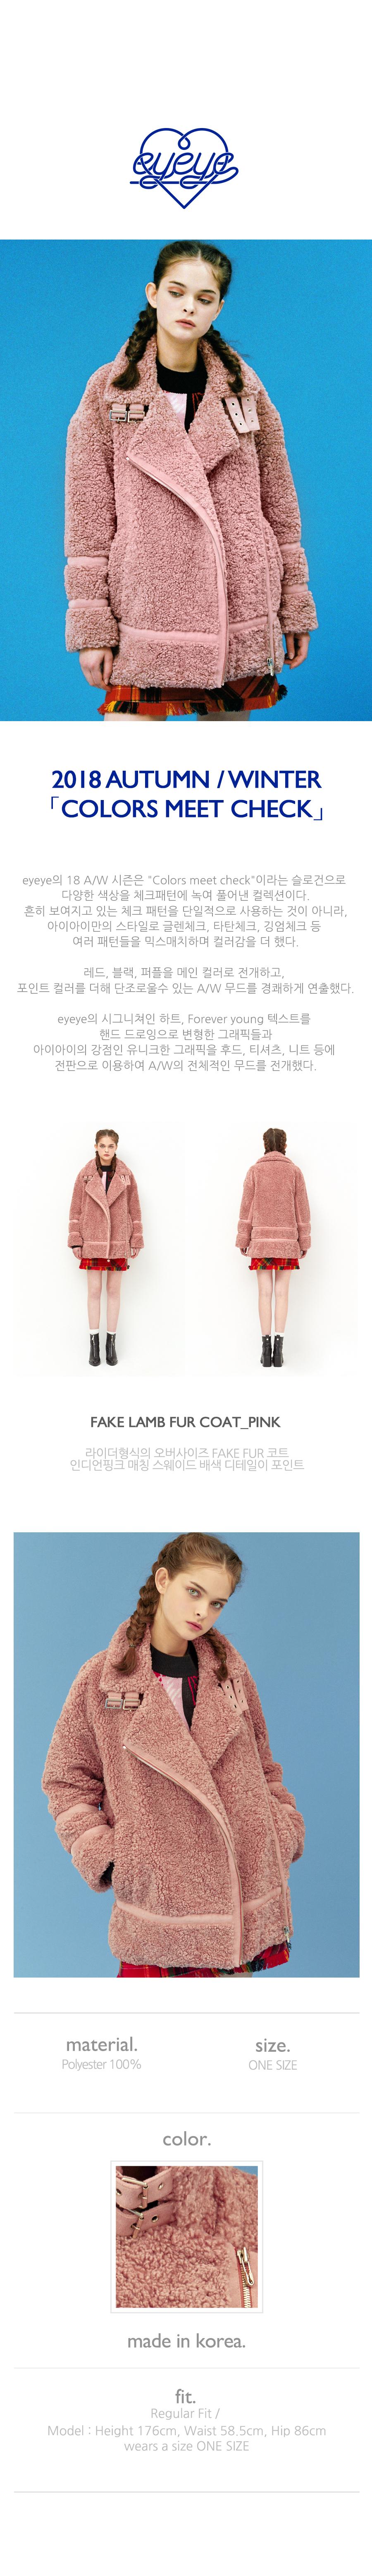 아이아이(EYEYE) FAKE LAMB FUR COAT_PINK (EEOG4CTR01W)